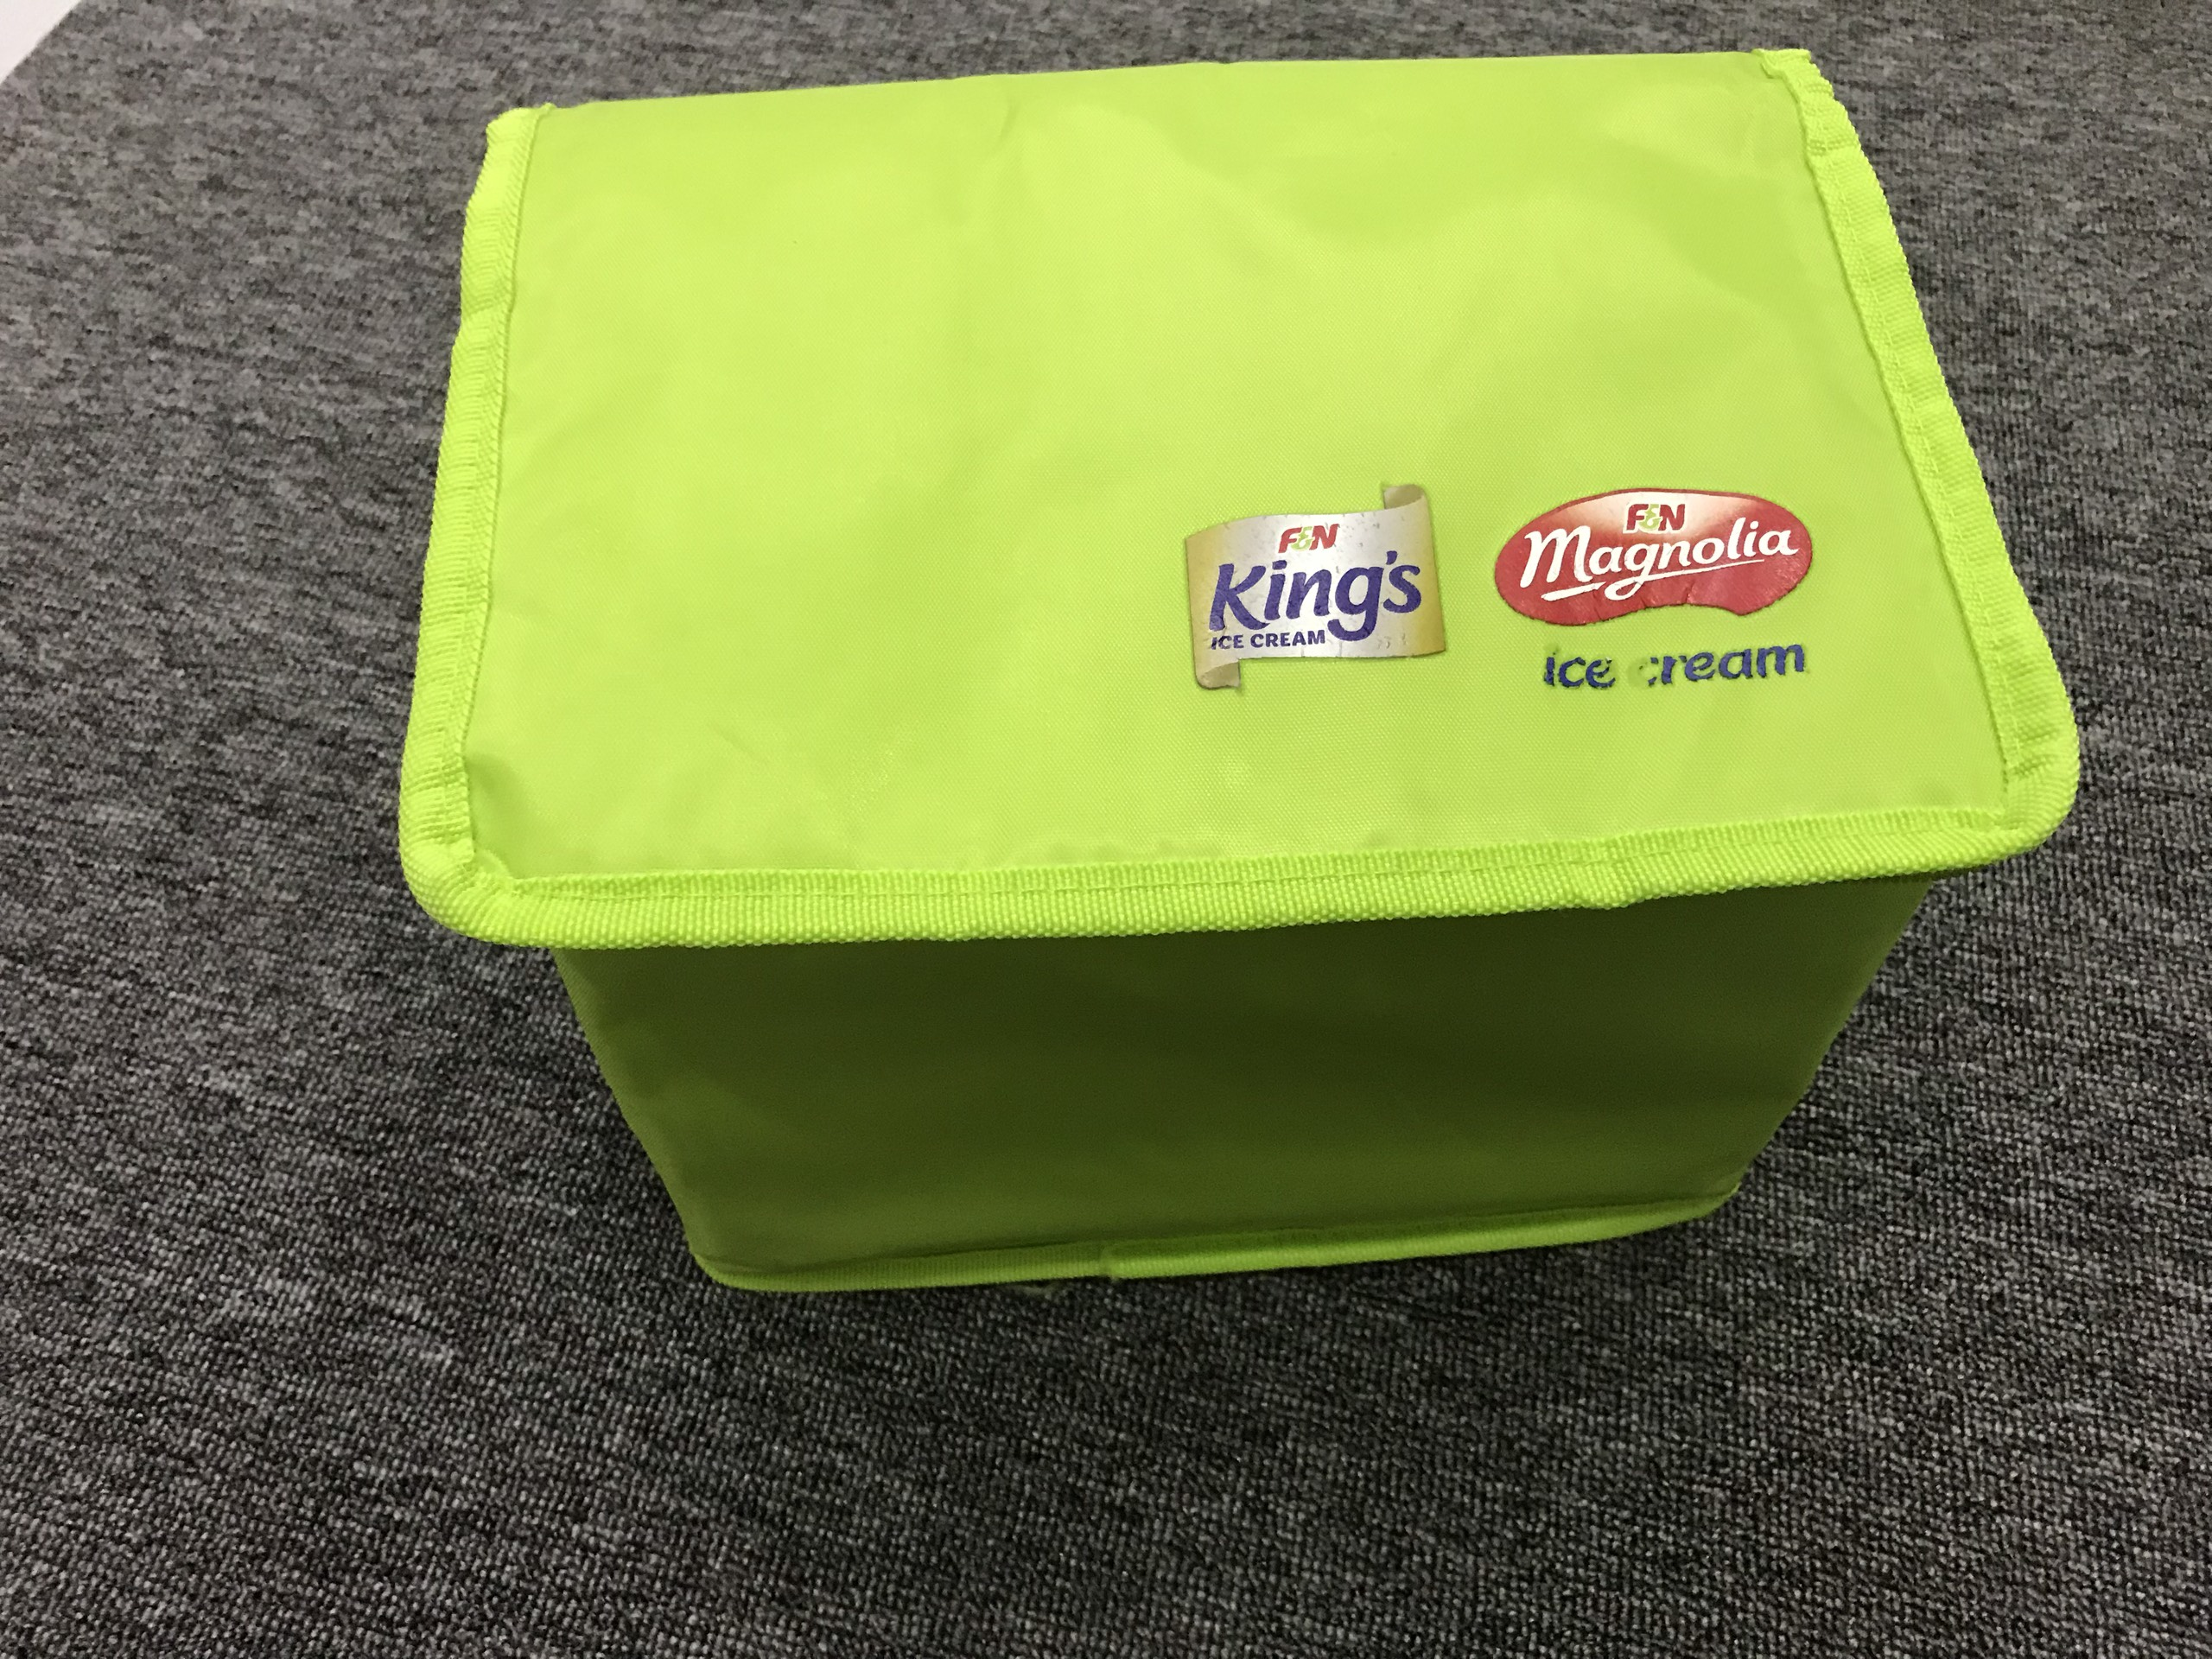 Túi giữ nhiệt hộp cơm may theo yêu cầu - xưởng may limac